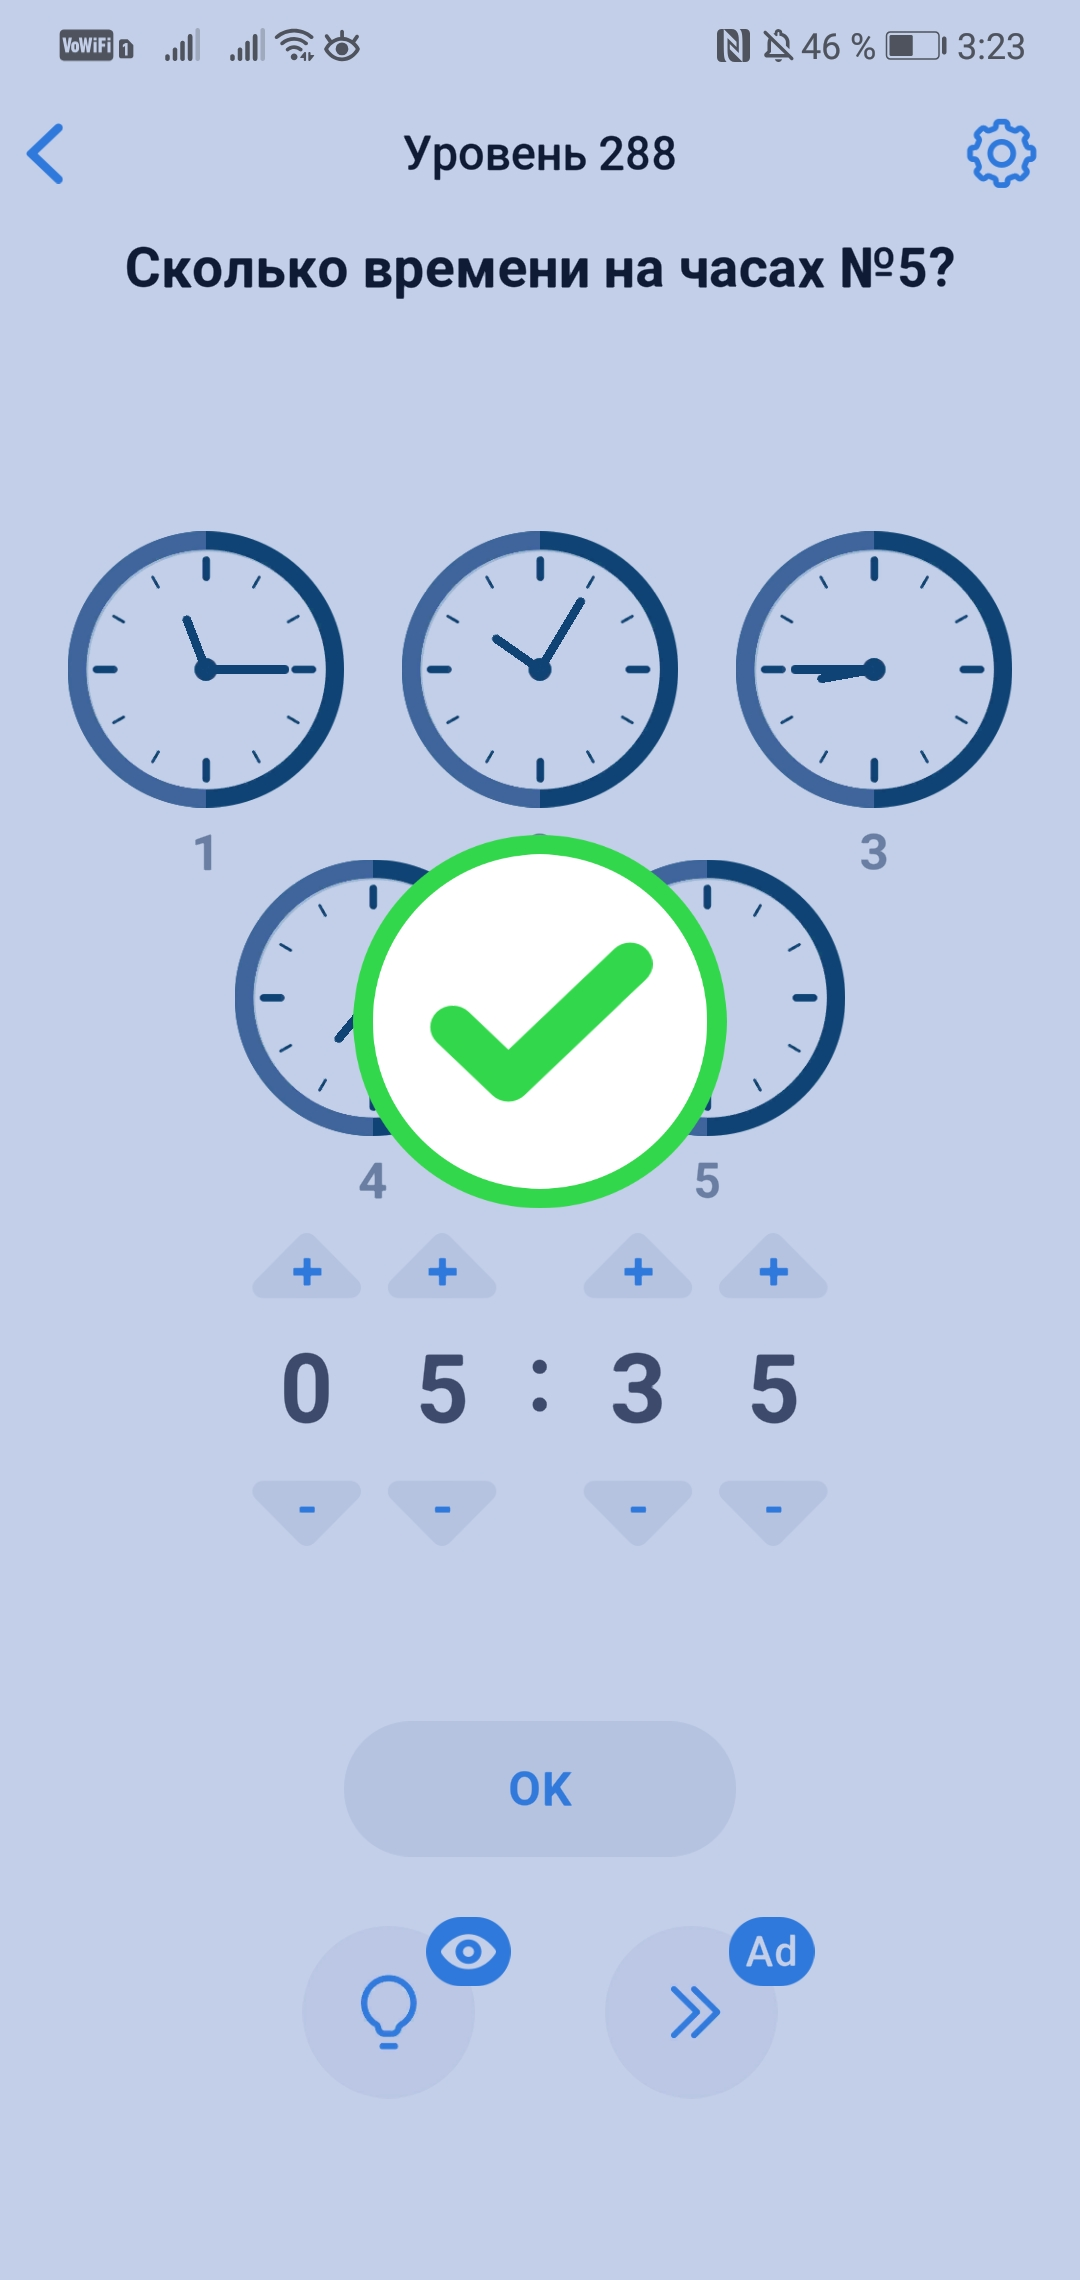 Easy Game - 288 уровень - Сколько времени на часах №5?